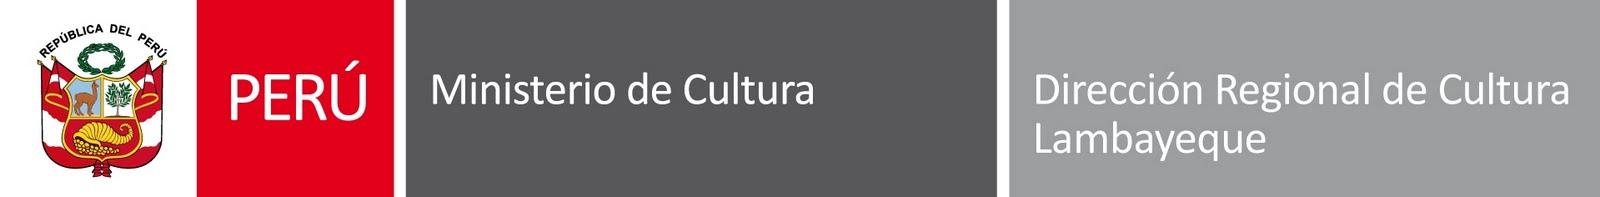 Talleres Dirección Regional de Cultura de Lambayeque